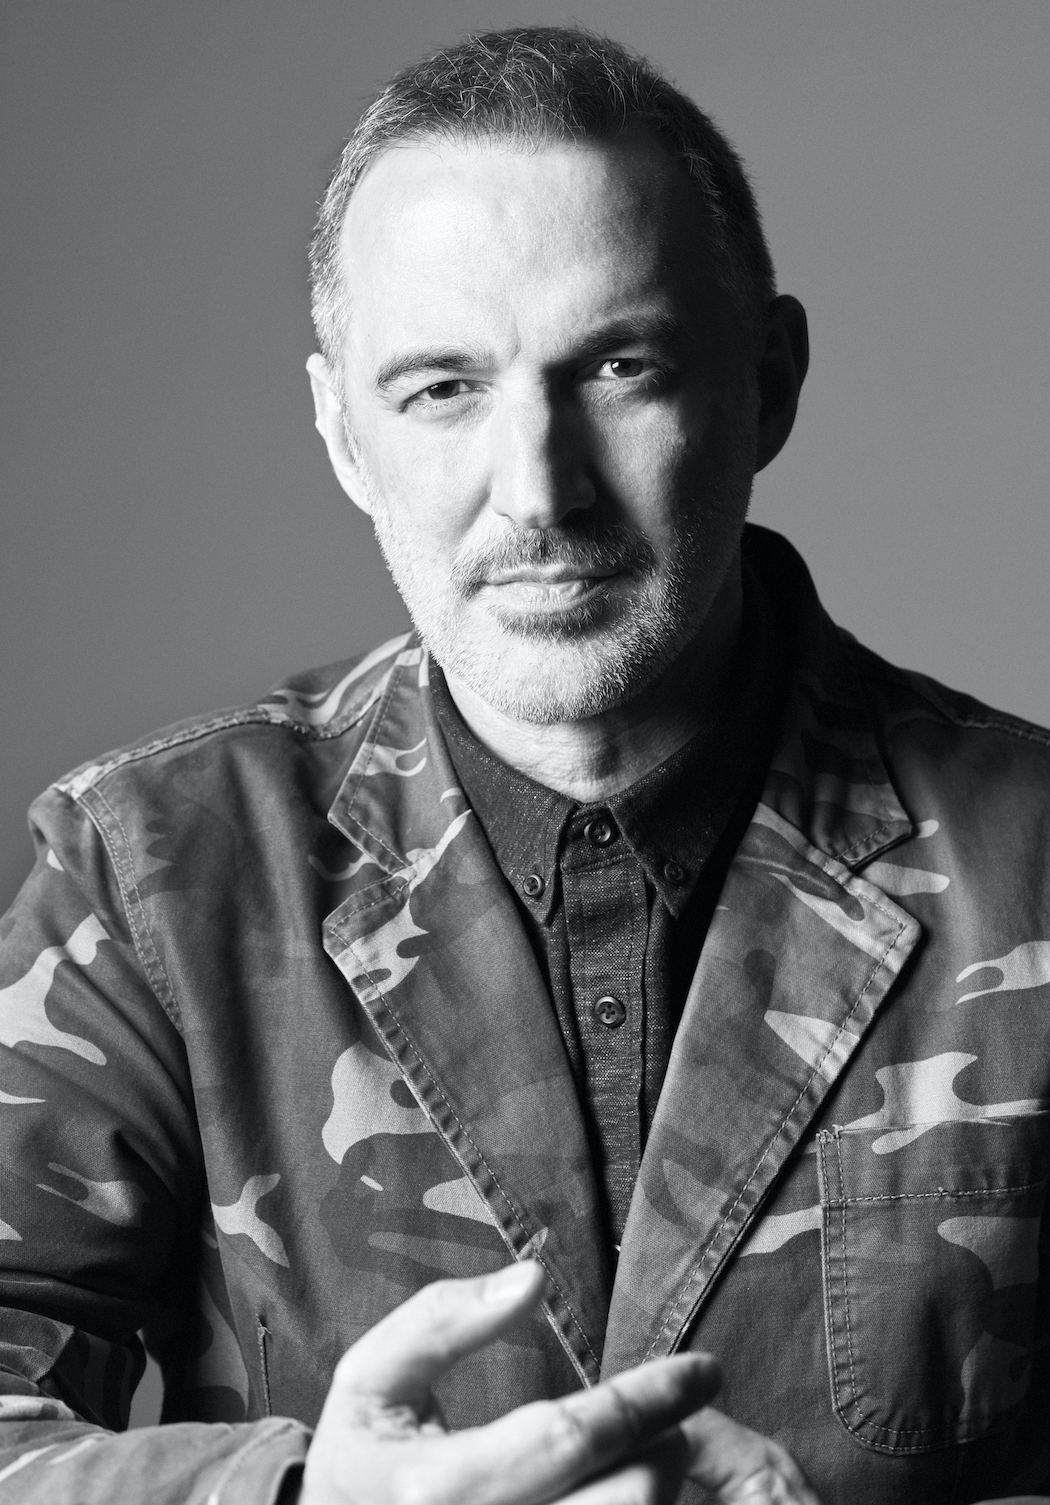 Carl Siciliano